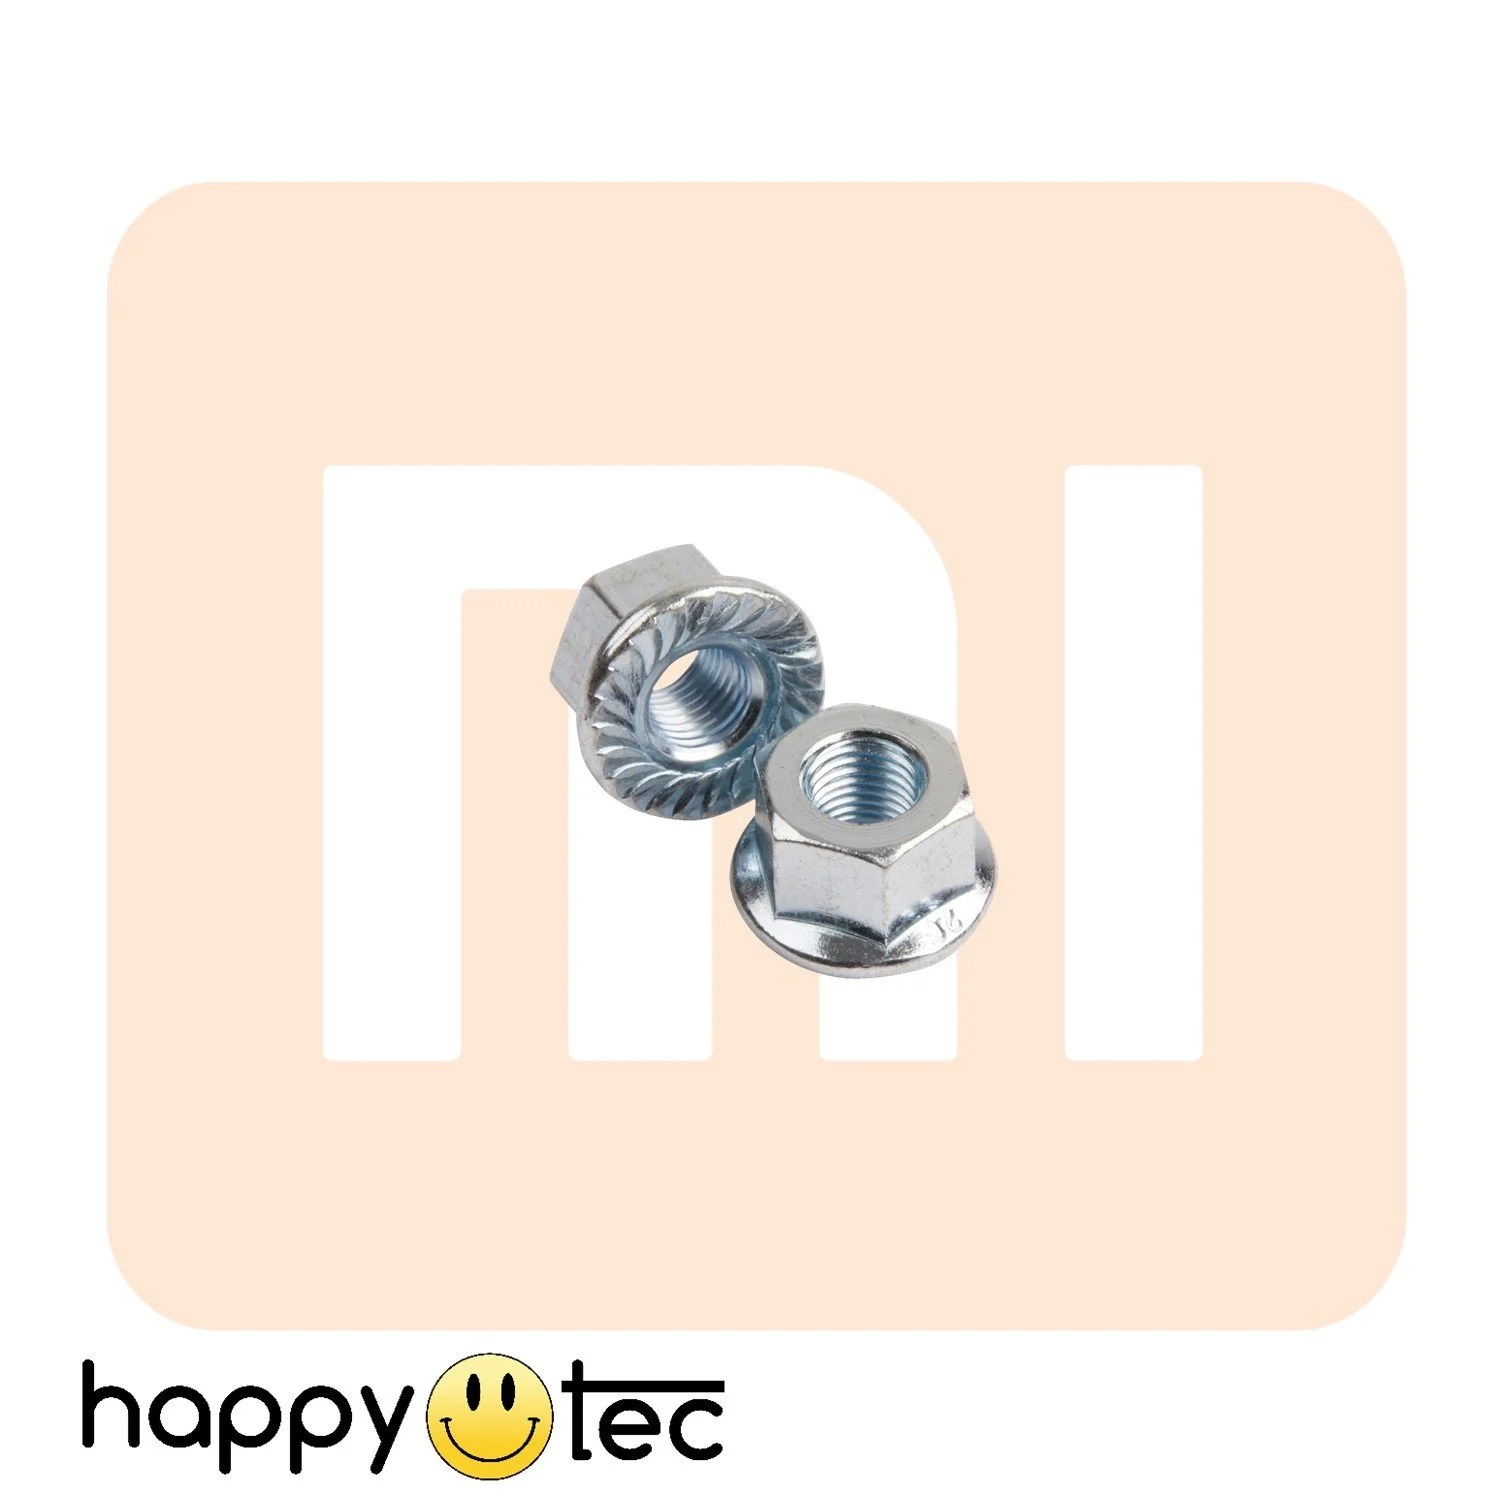 Xiaomi Dadi ruota anteriore